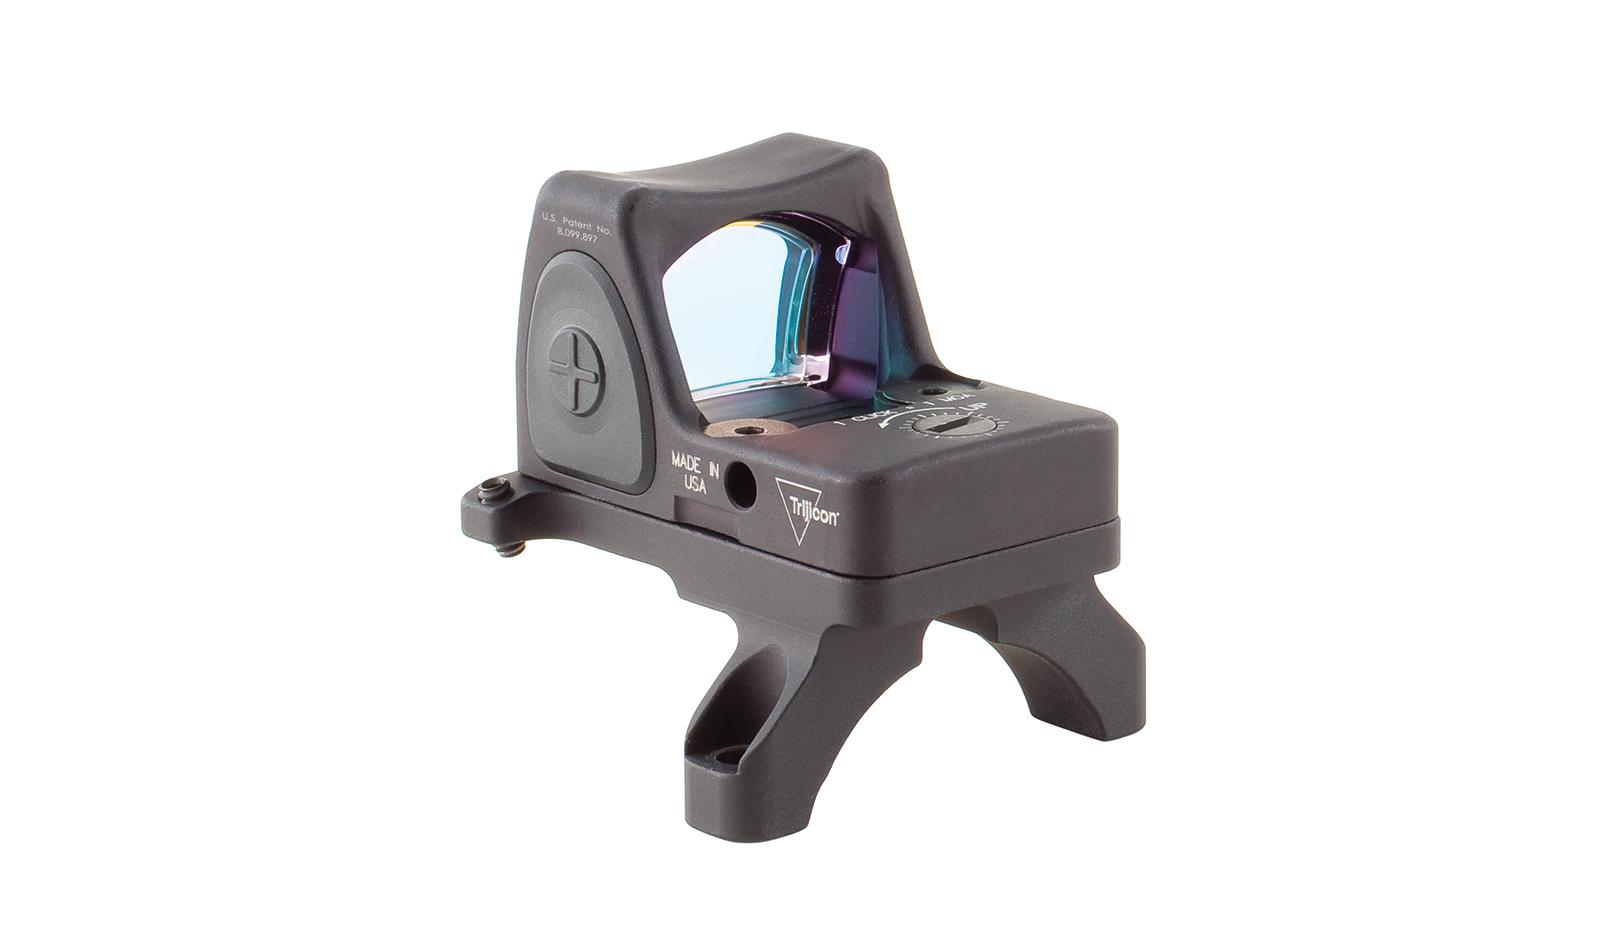 RM07-C-700683 angle 2